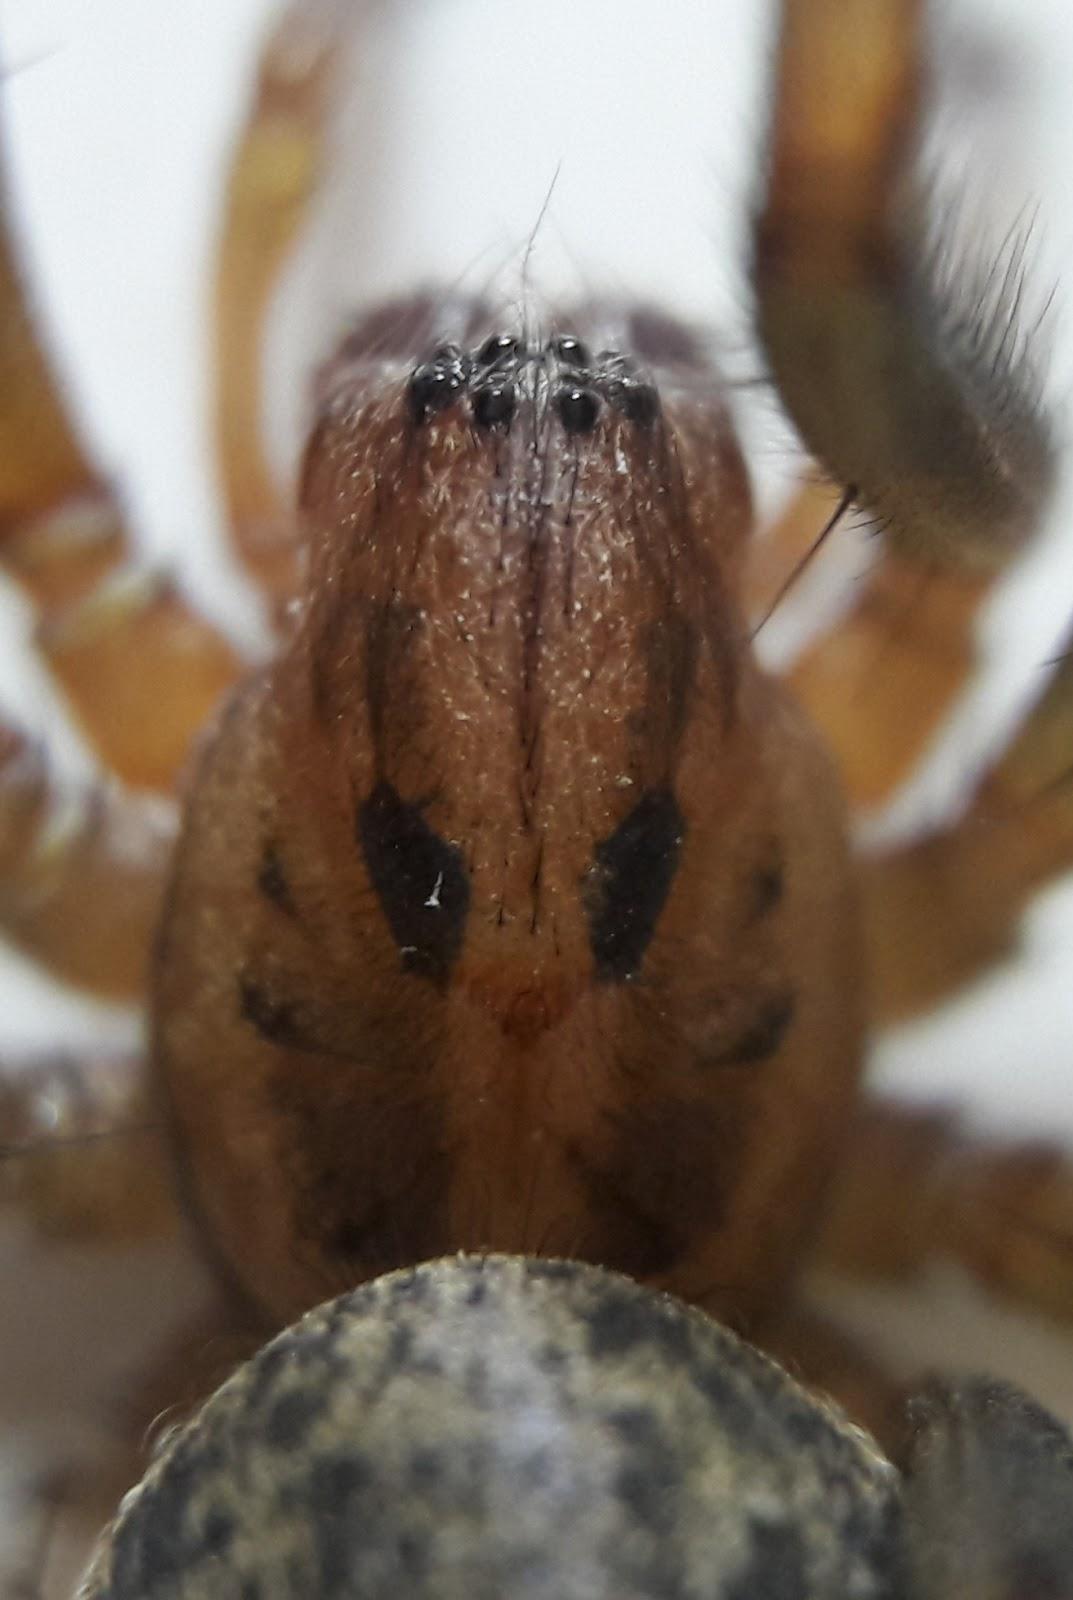 réti zugpók (Eratigena agrestis)